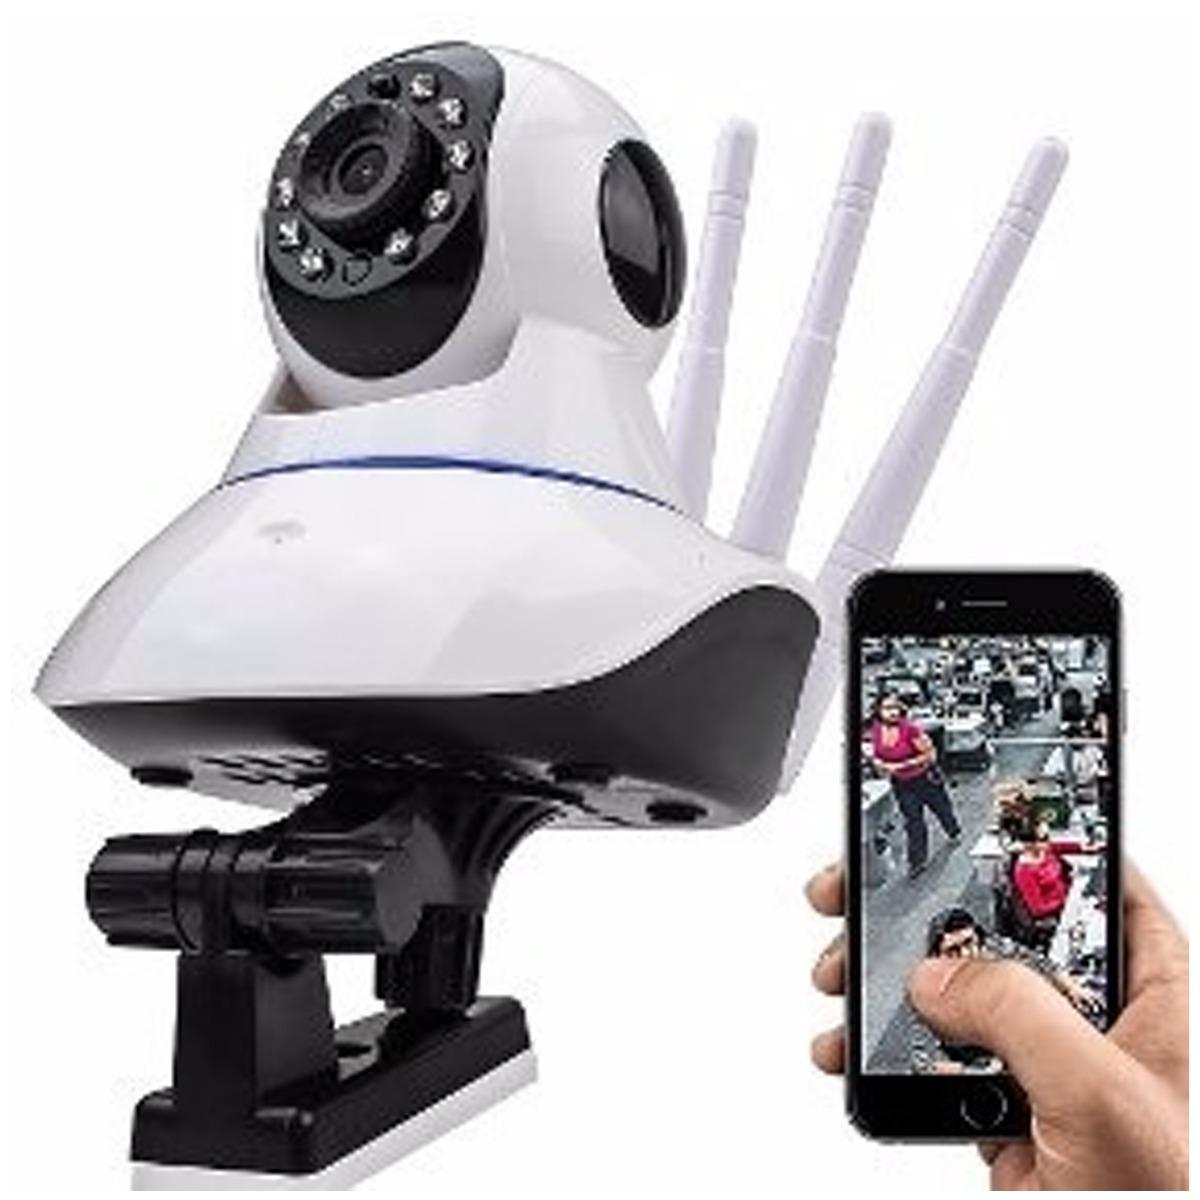 4623b8f88 ip camera wifi com 3 antenas onvif hd p2p 360°. Carregando zoom.